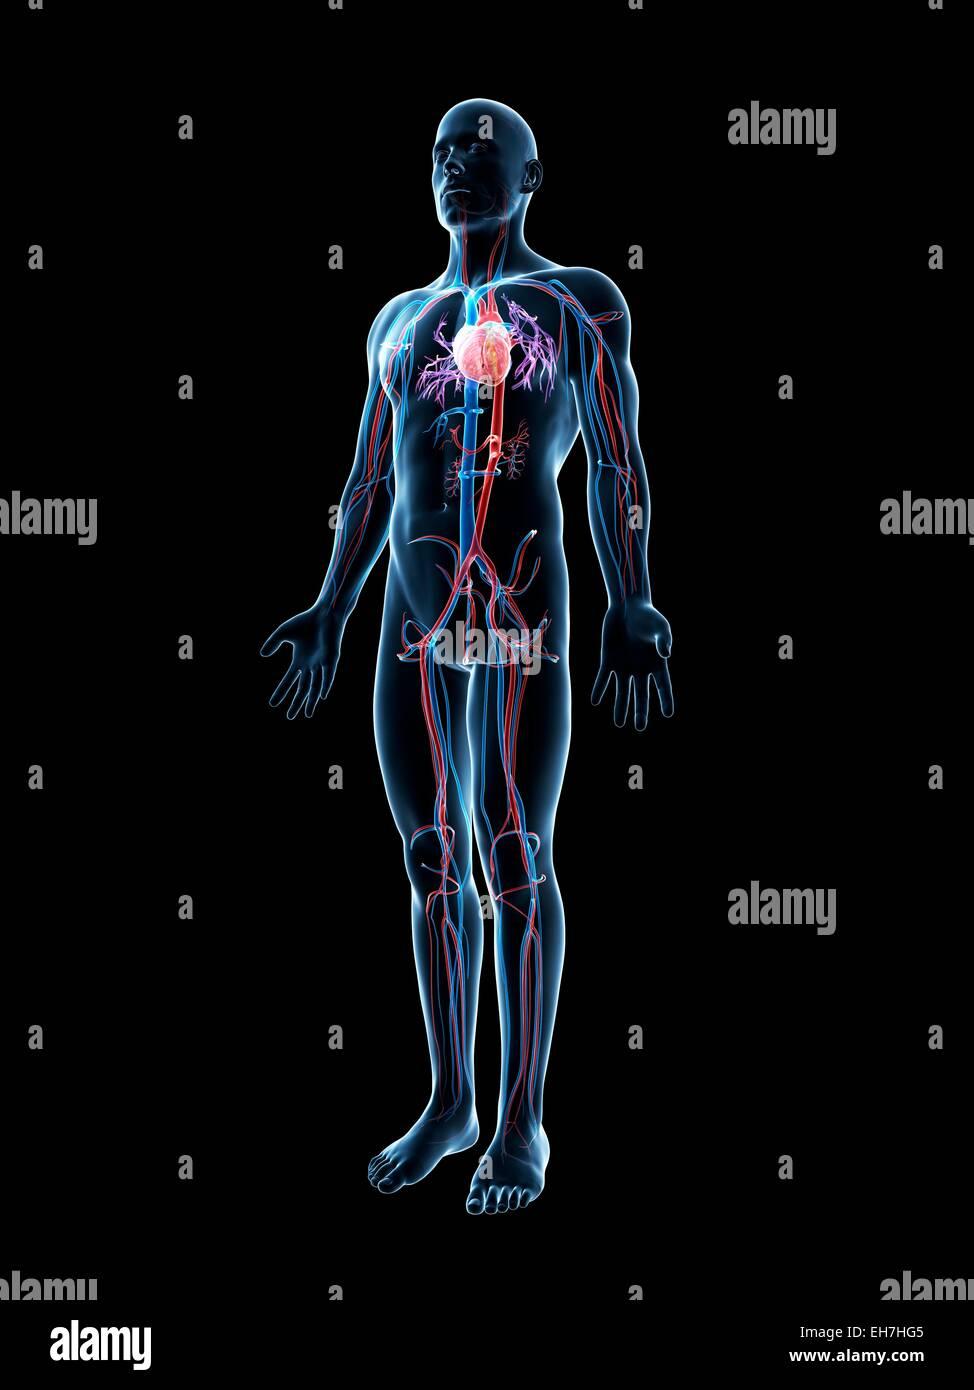 Menschliche Gefäßsystem, Abbildung Stockfoto, Bild: 79458069 - Alamy